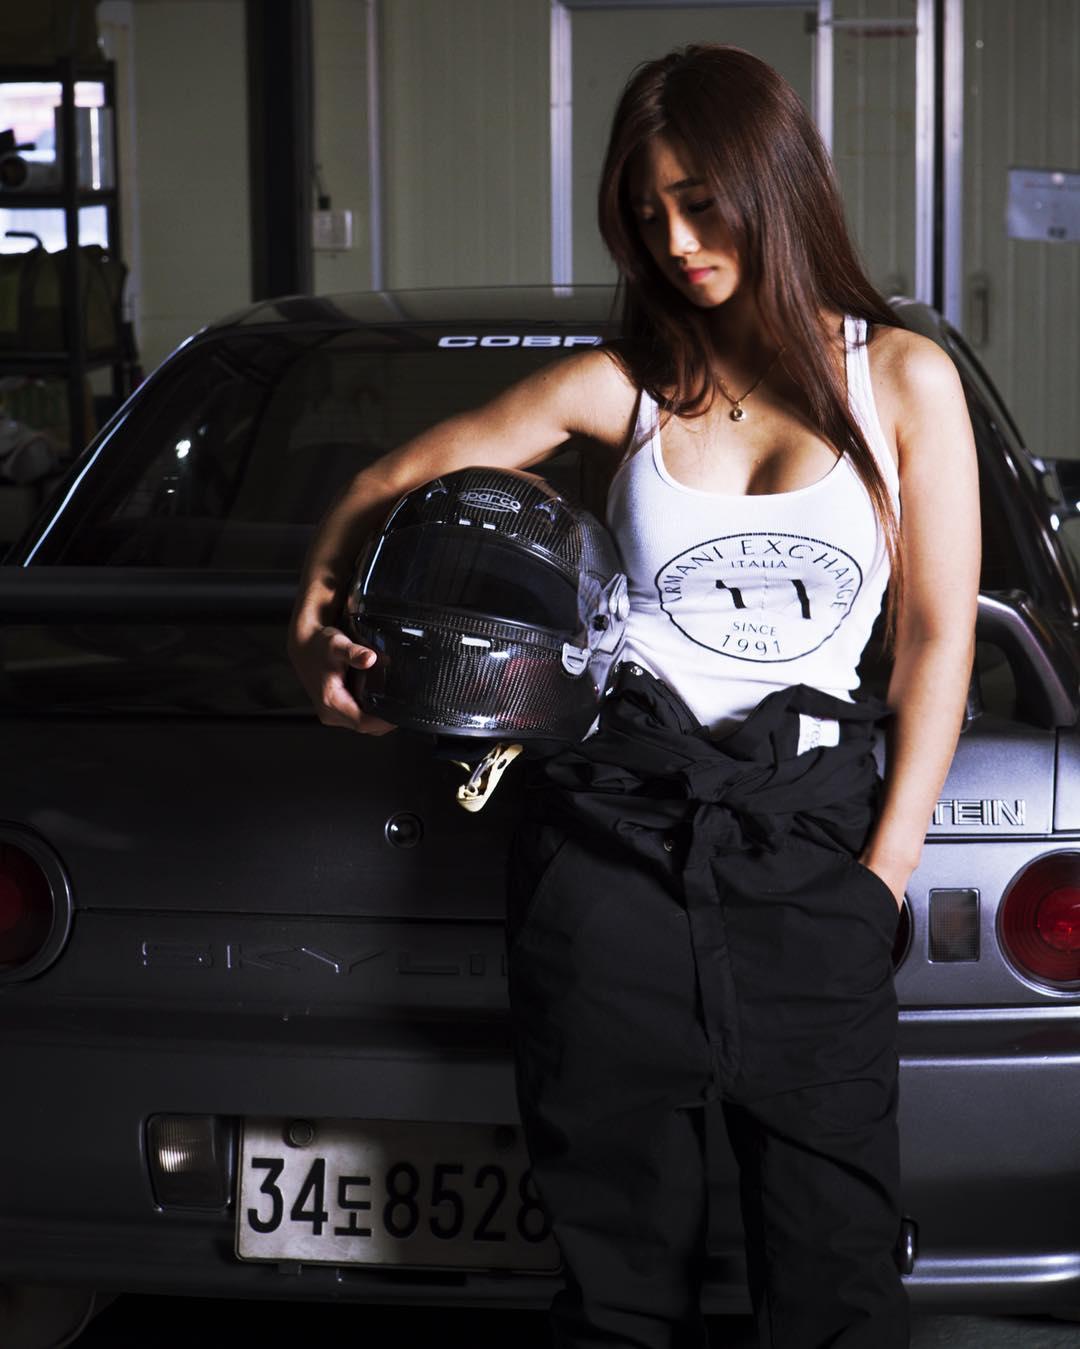 身型受欢迎的日本漂亮美女明星,本来能靠长相,却偏要靠驾驶技术